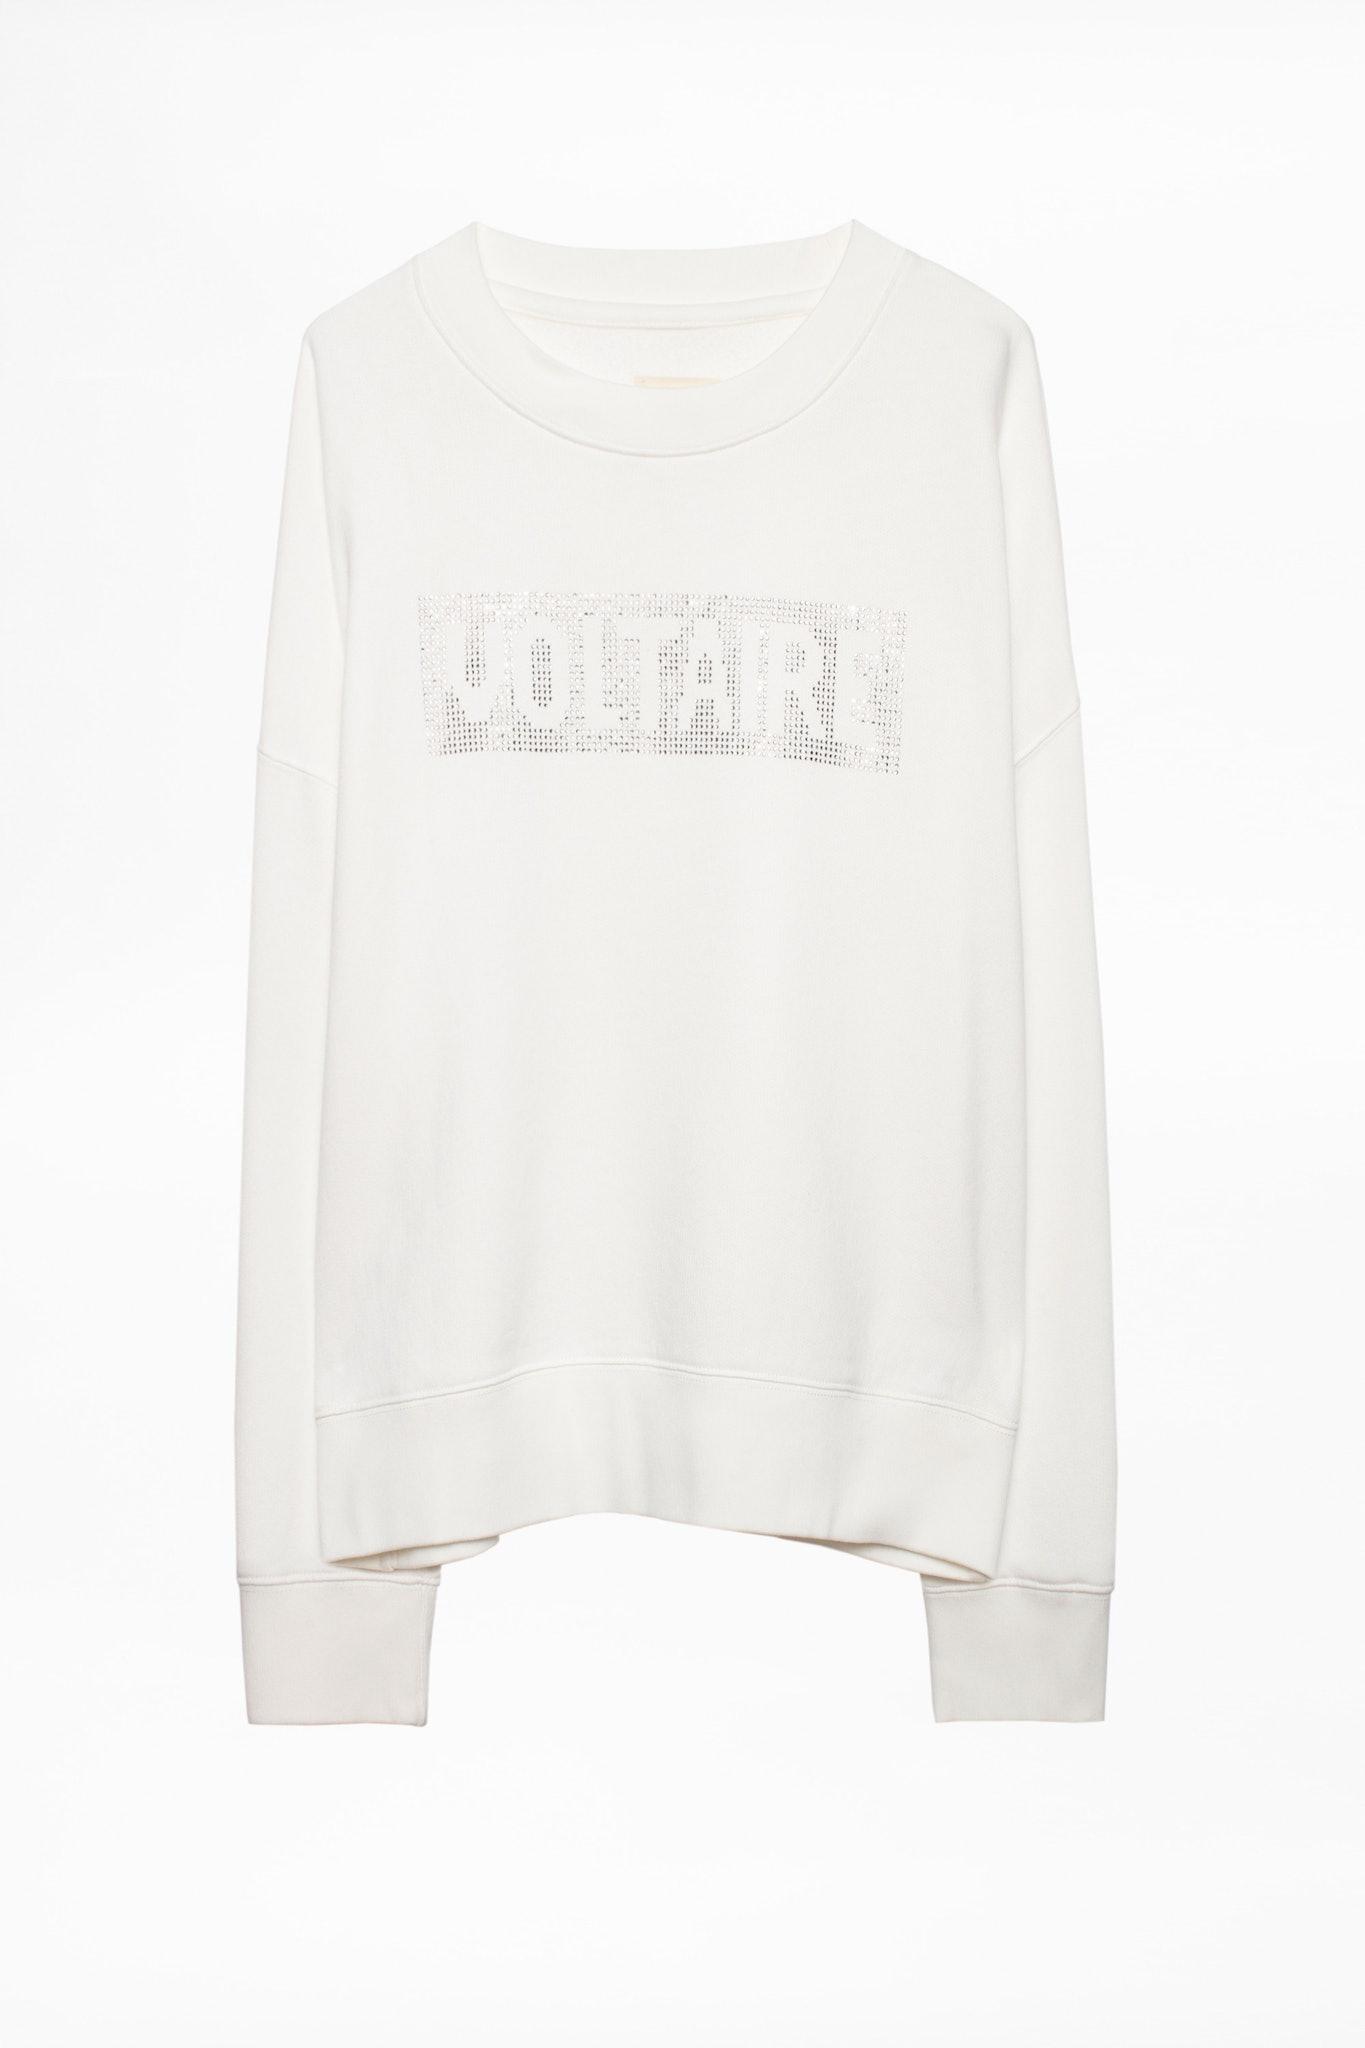 Sweatshirt Hany Voltaire